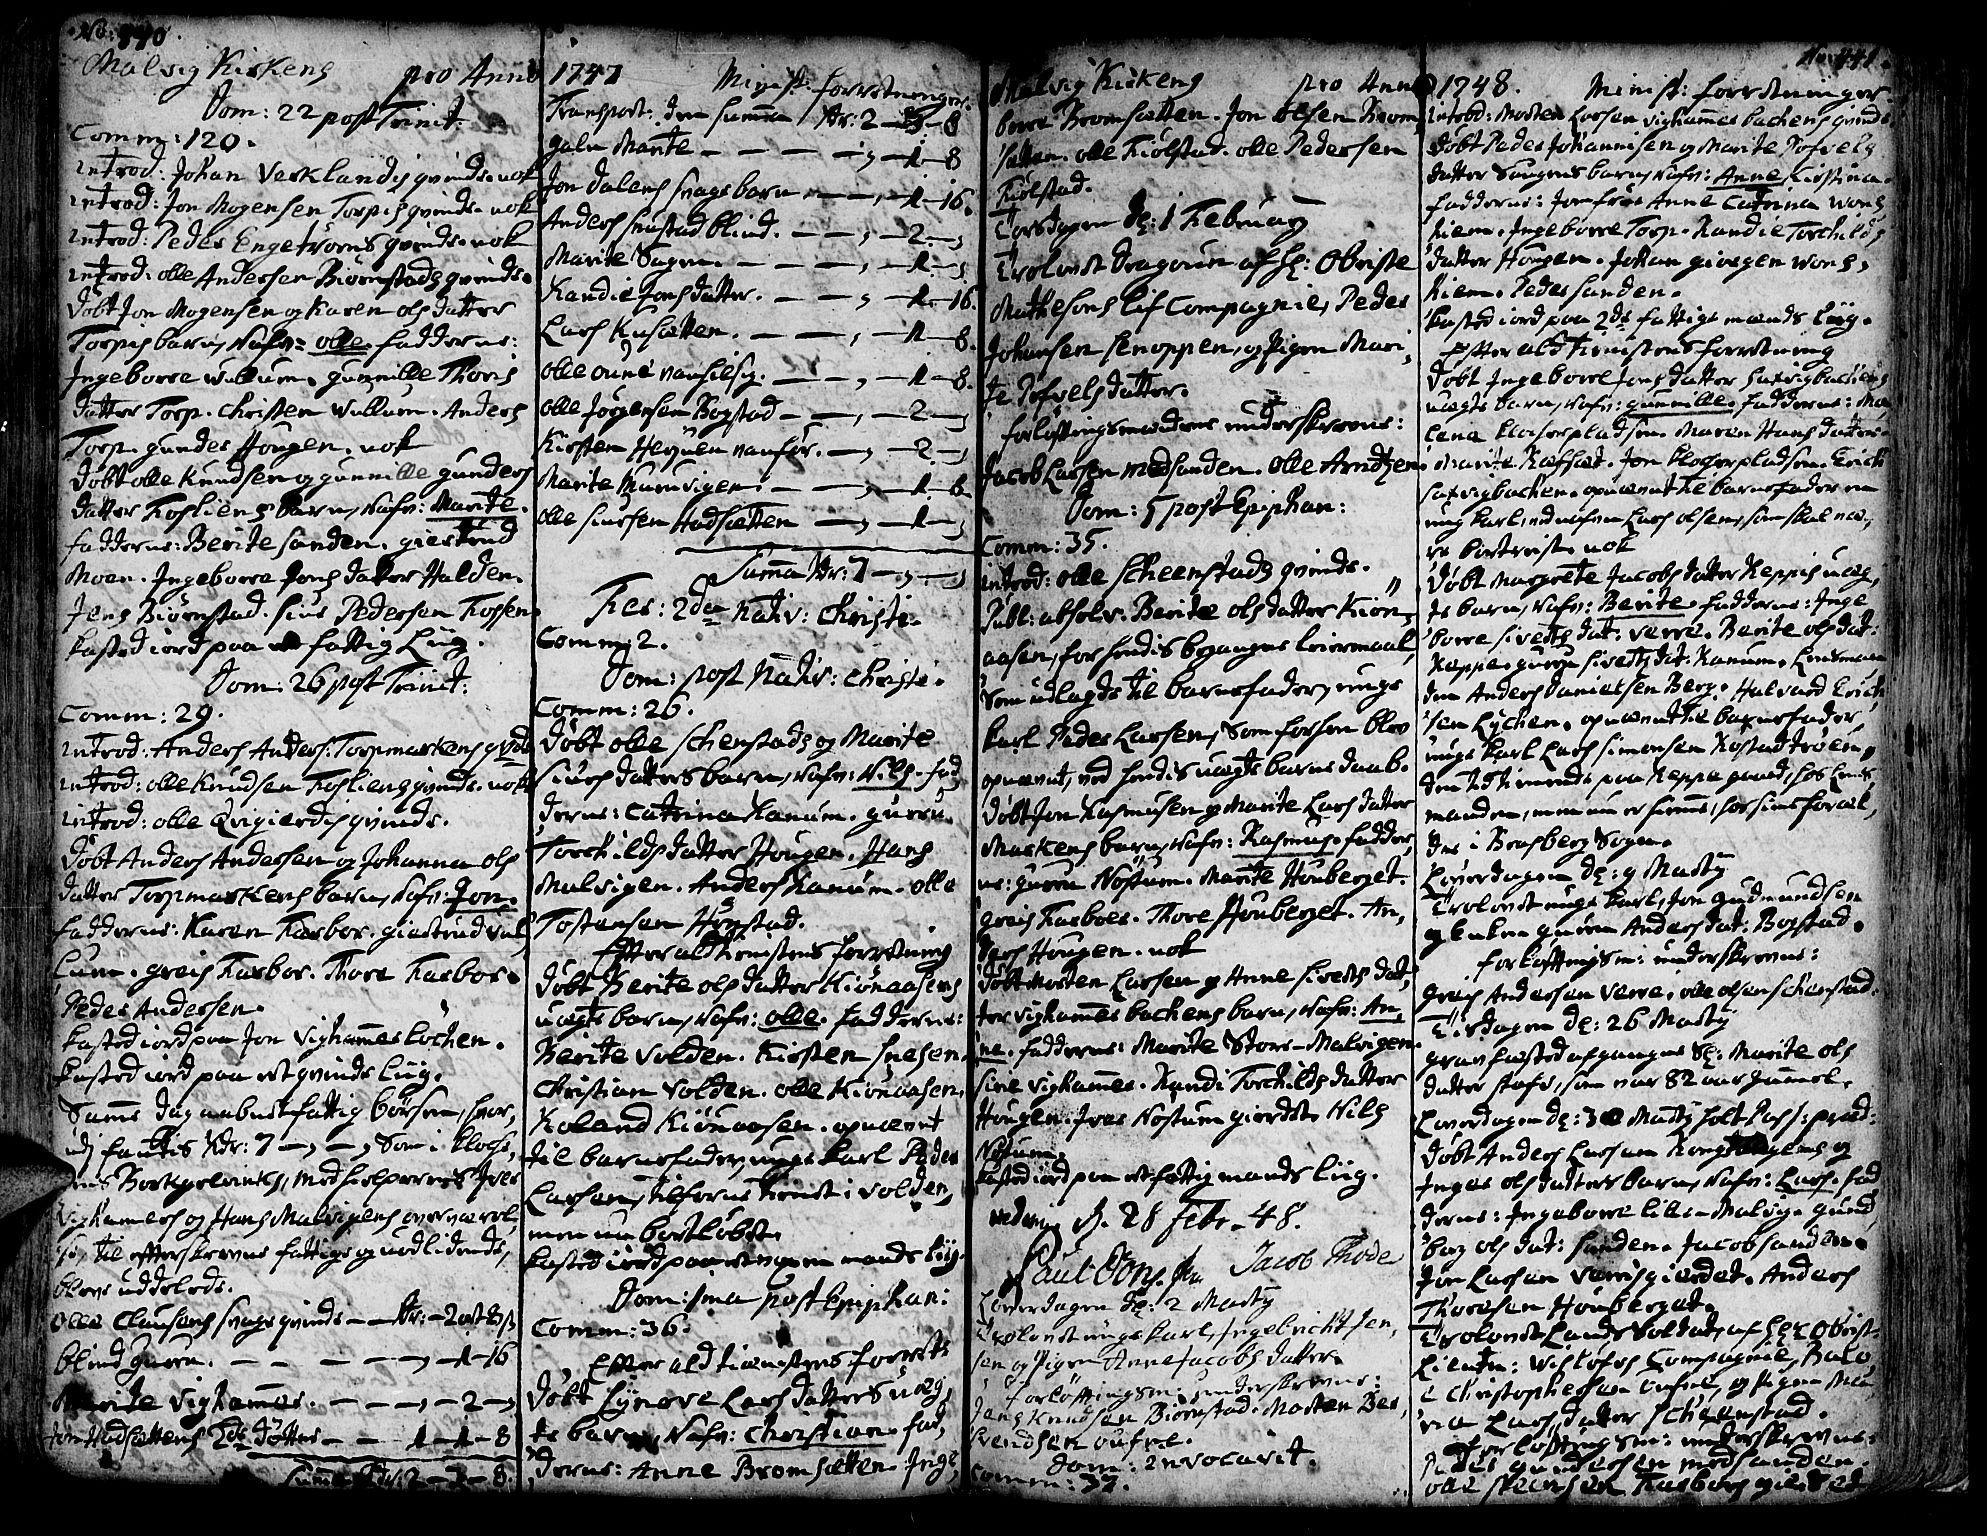 SAT, Ministerialprotokoller, klokkerbøker og fødselsregistre - Sør-Trøndelag, 606/L0277: Ministerialbok nr. 606A01 /3, 1727-1780, s. 440-441